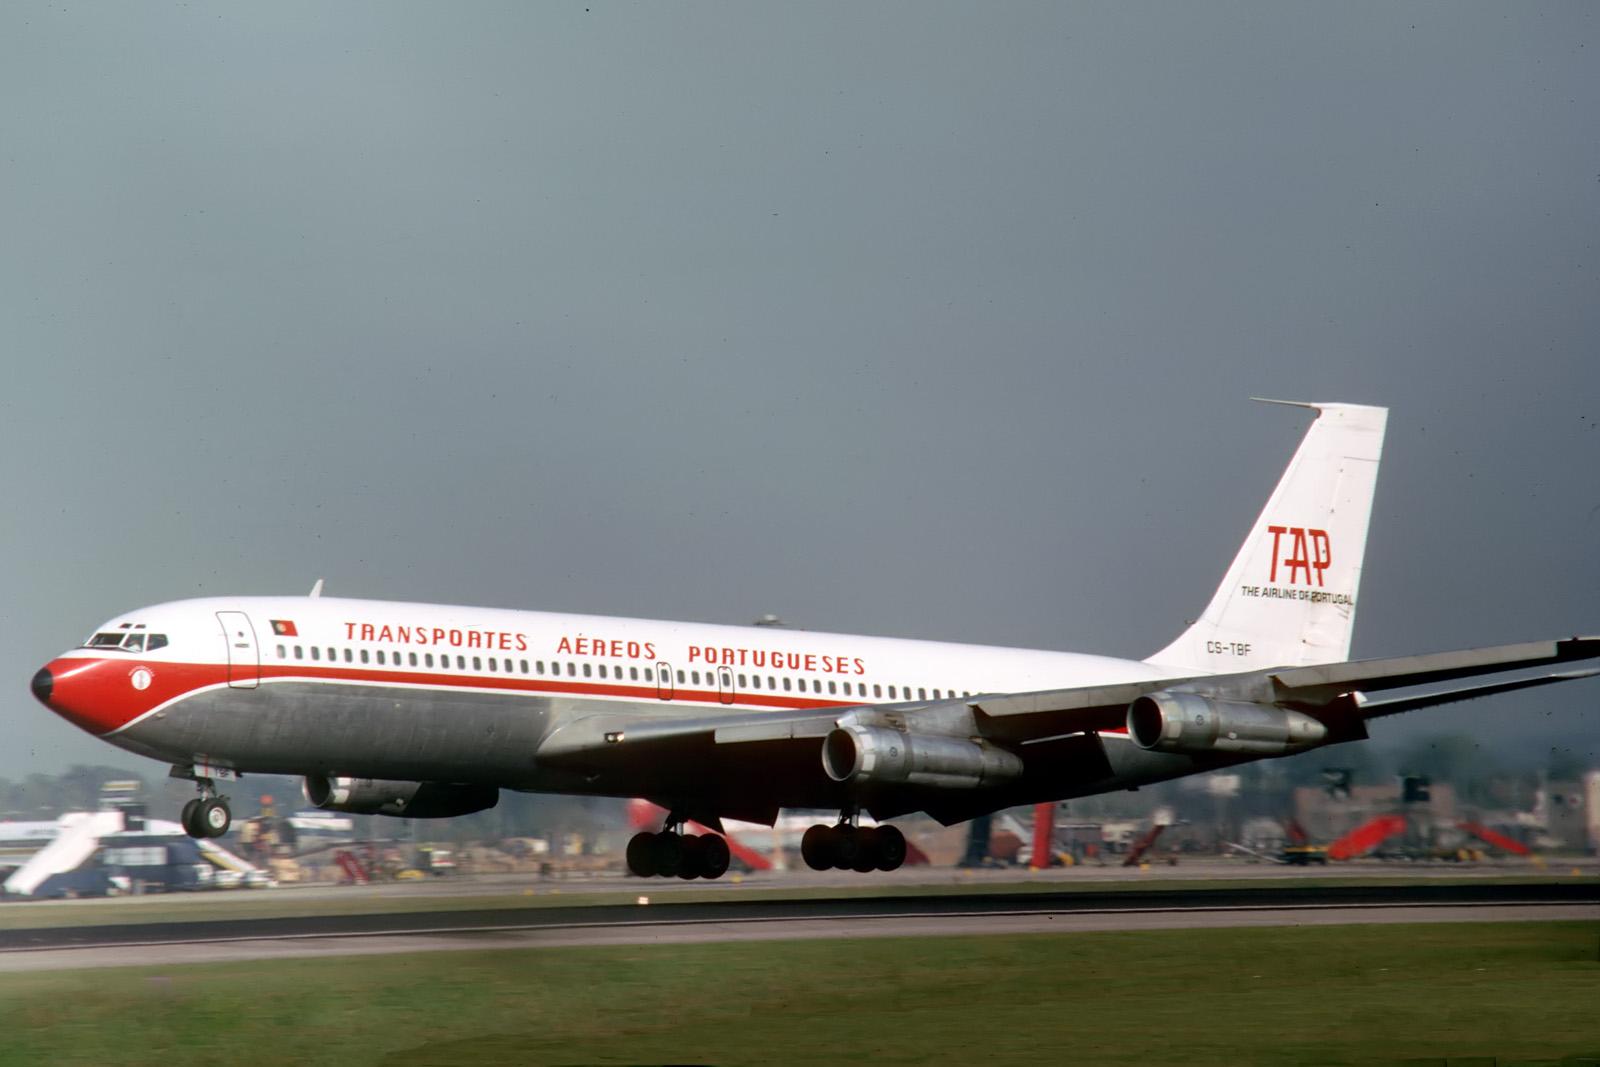 B707 CS-TBF «Vasco da Gama», Gatwick, 197...